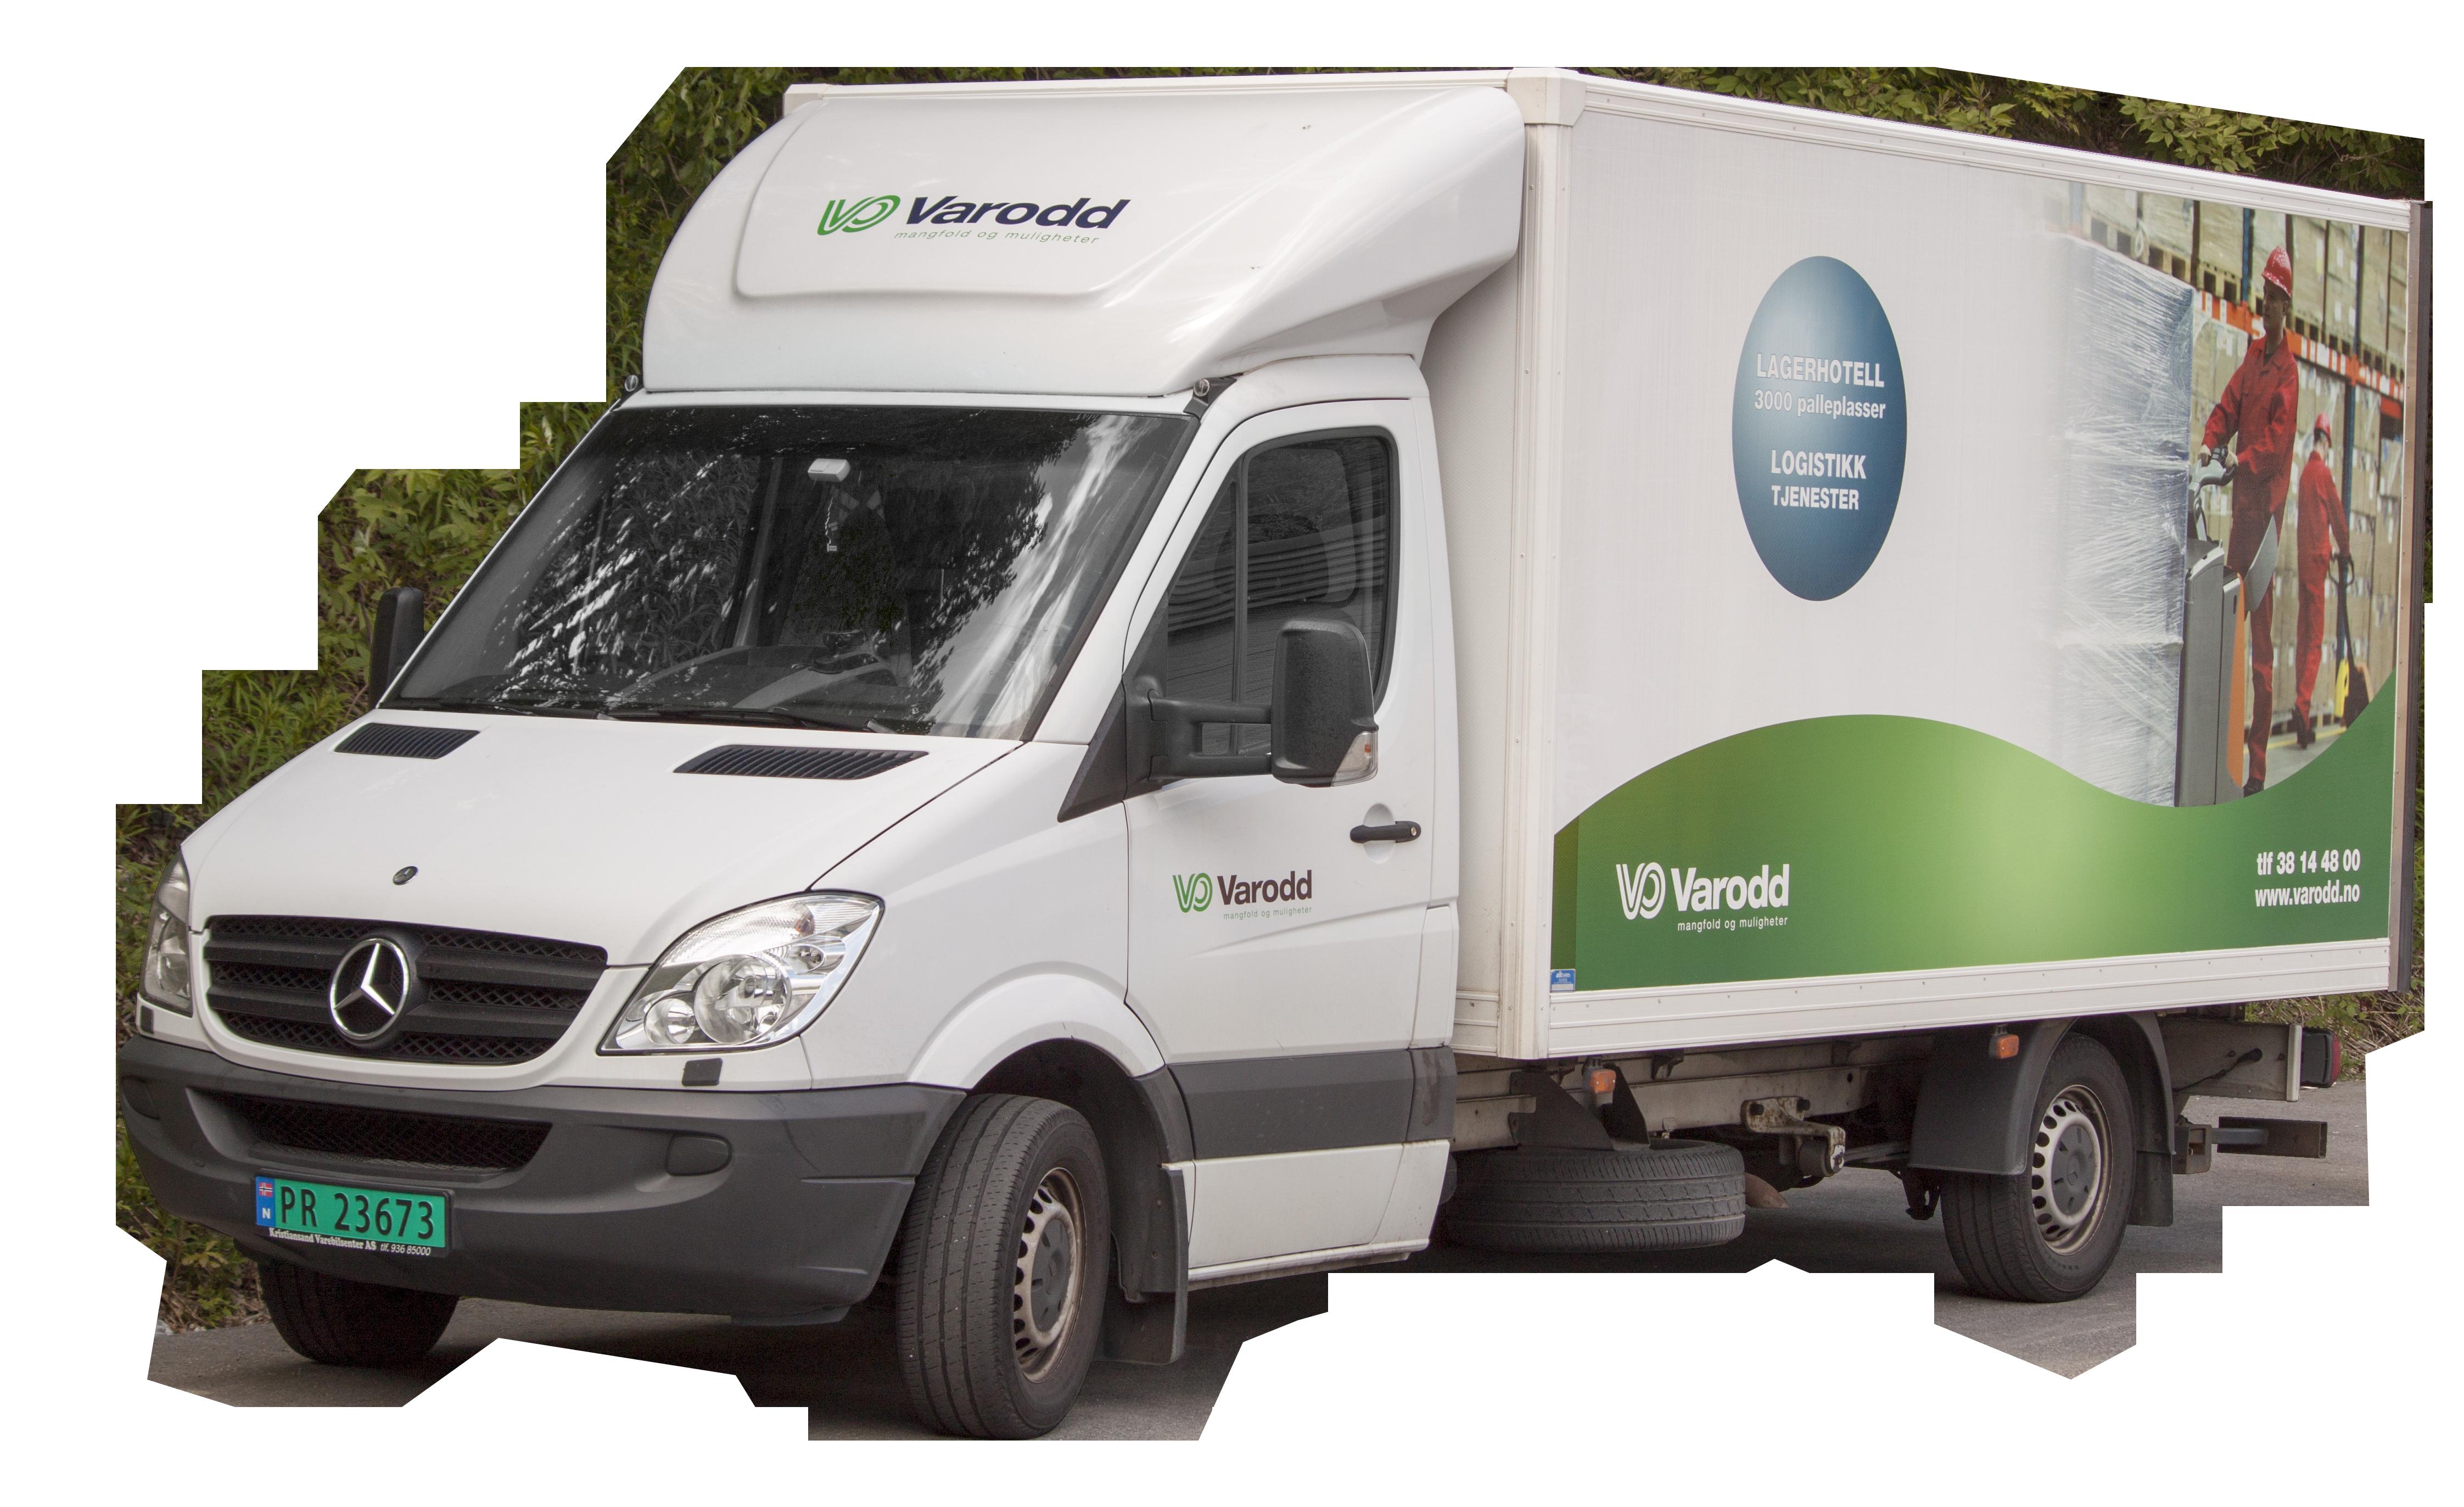 Varodd Lager & logistikk utfører transportoppdrag i Kristiansand og omegn.